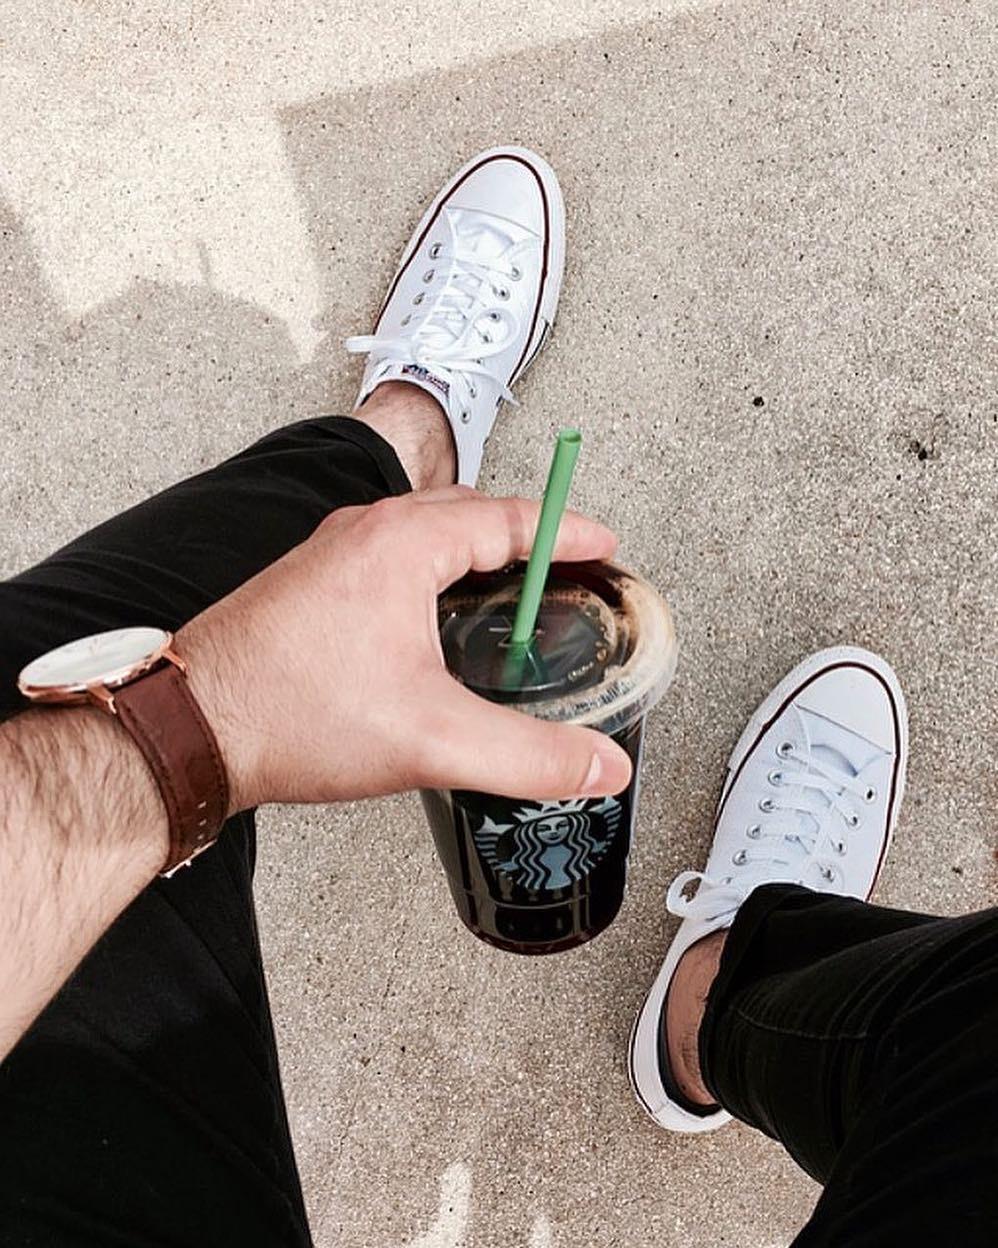 Starbucks prentende banir os canudos de plástico de suas lojas até 2020 (Foto: Reprodução Instagram)